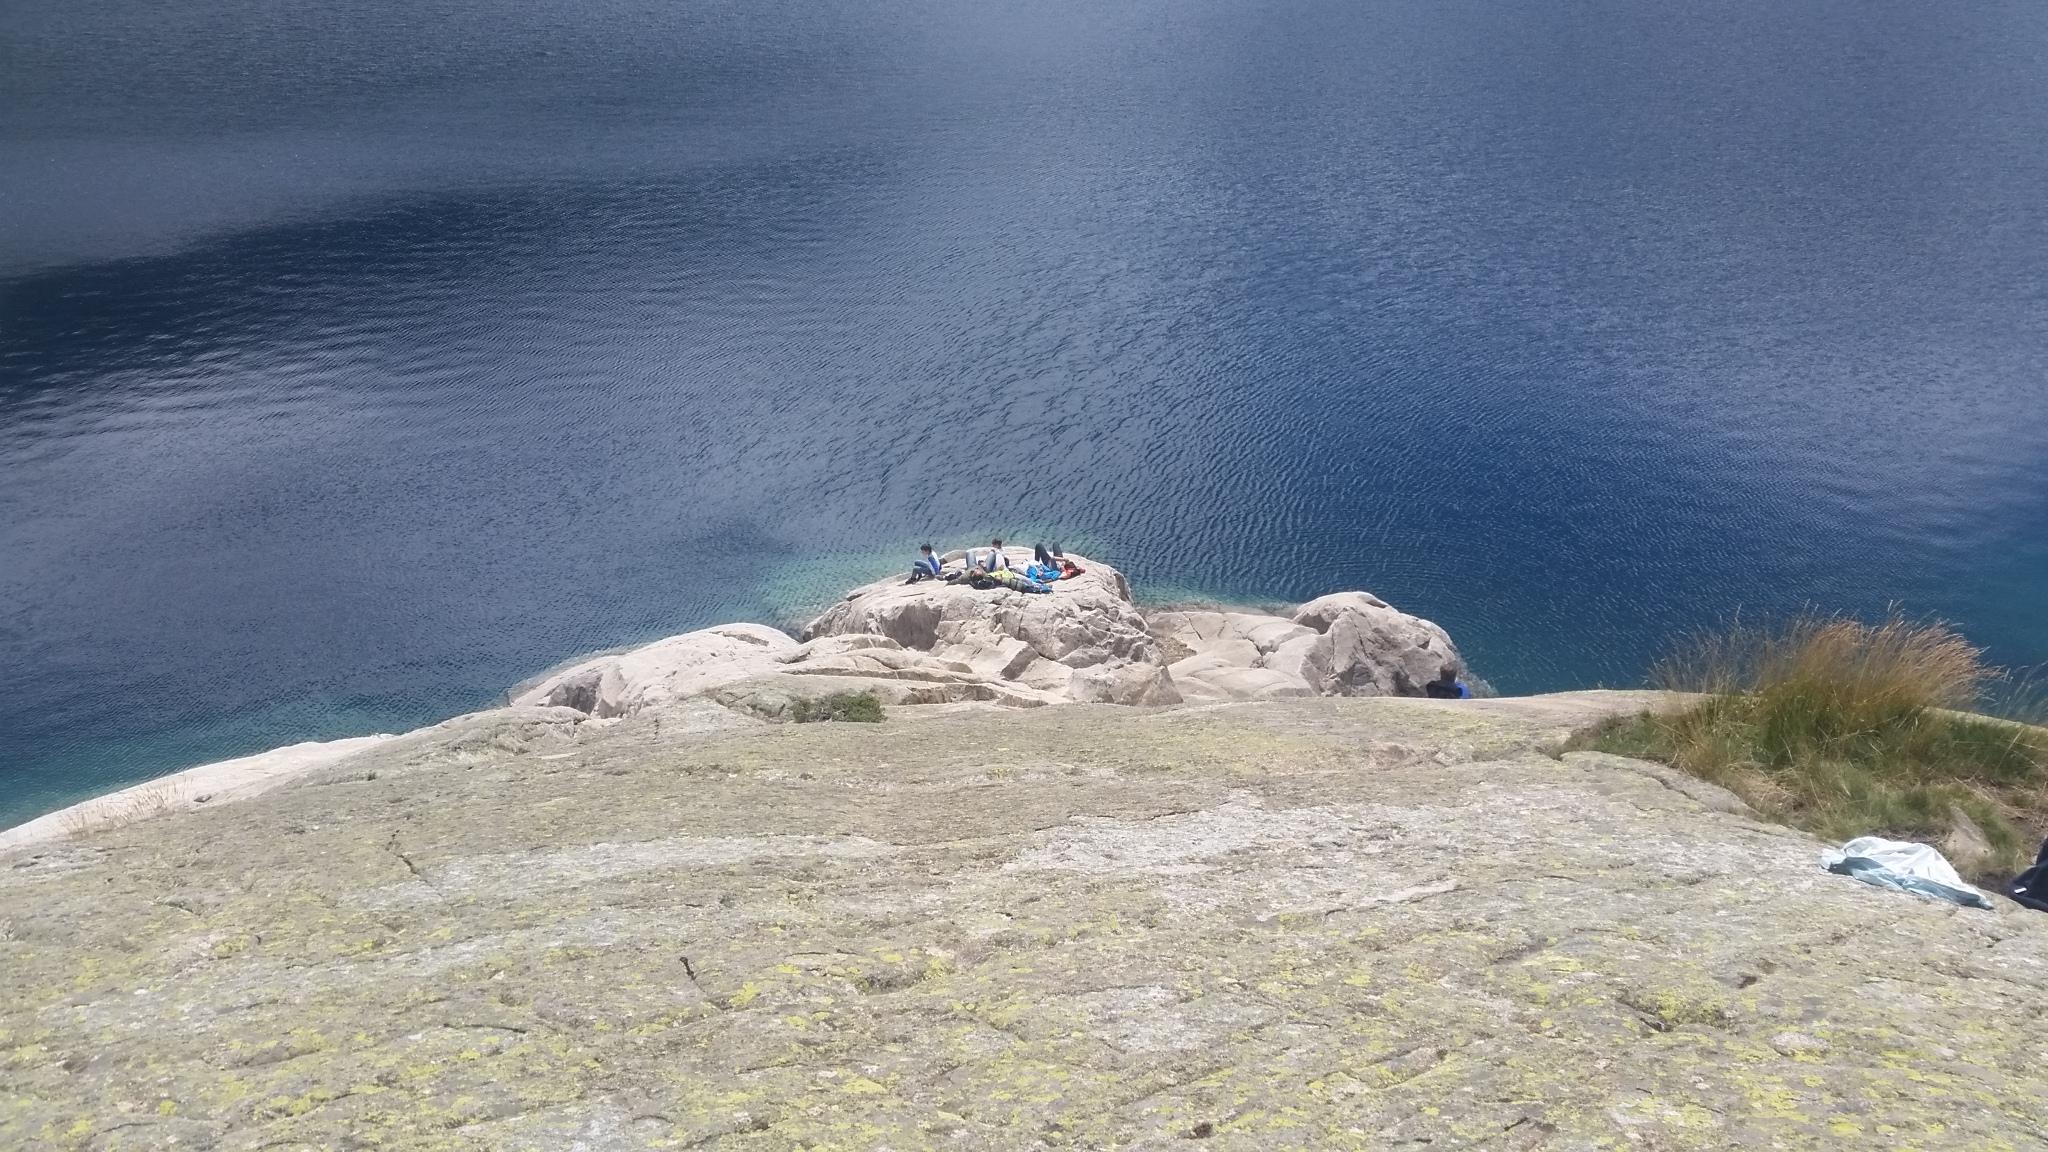 Le lac d'artouste à 1997 m